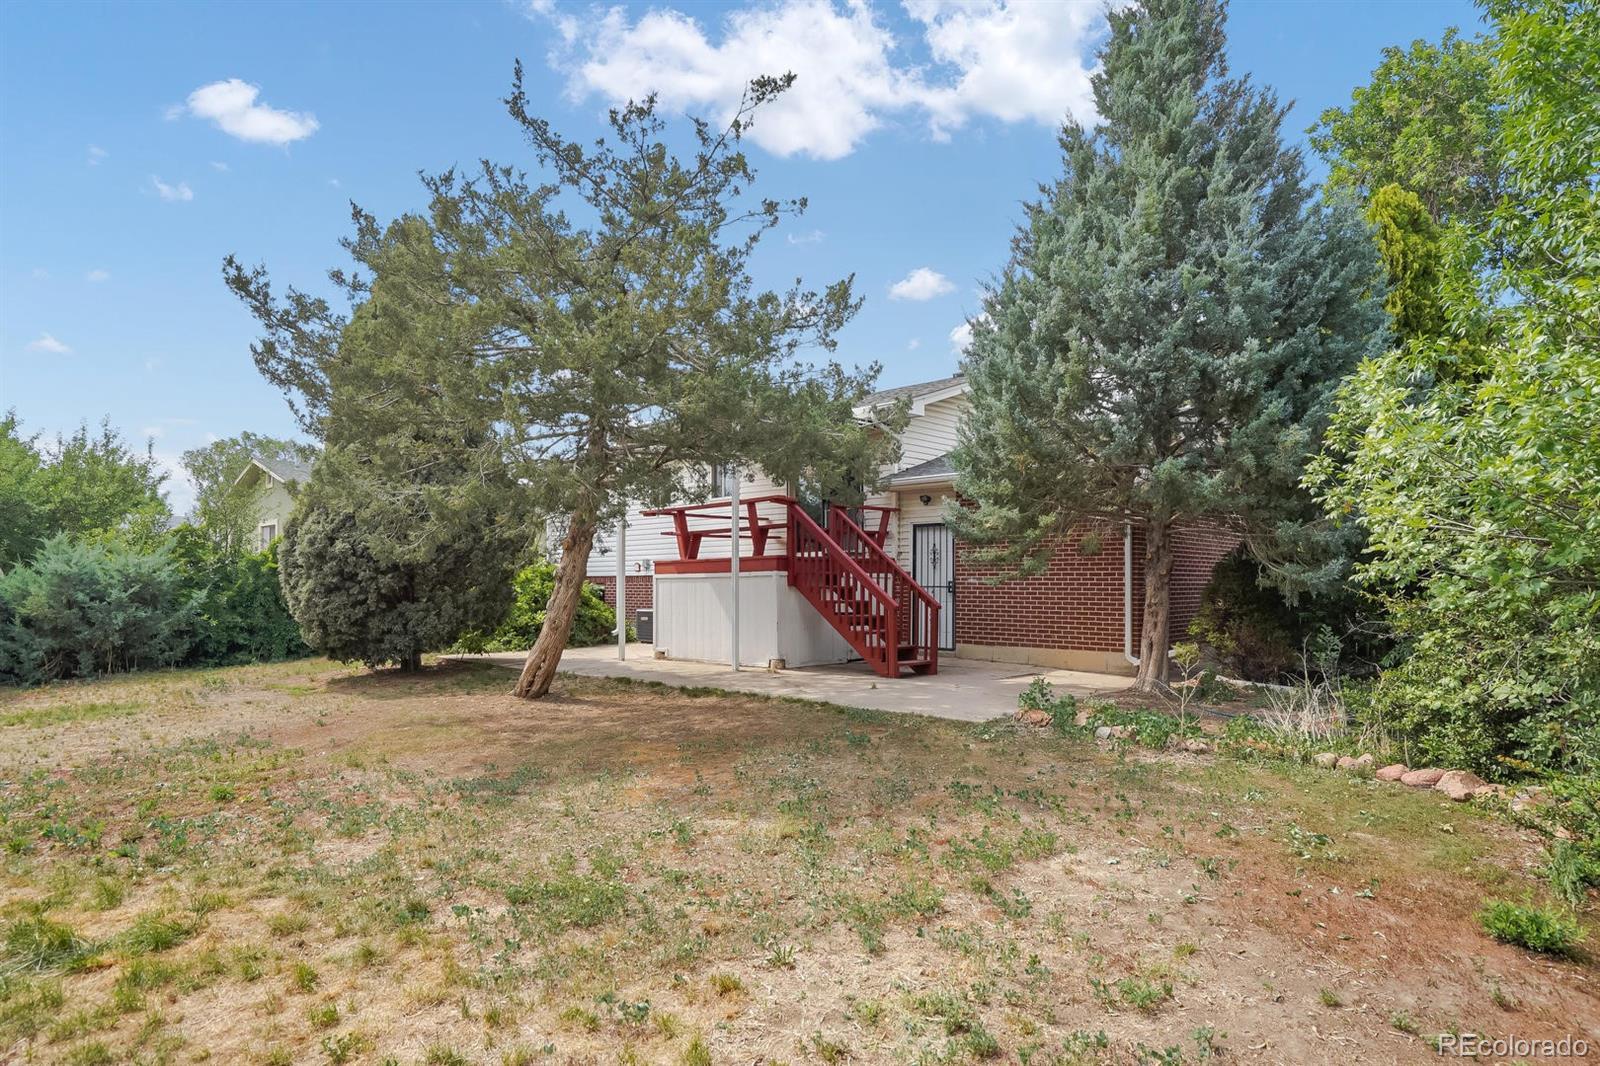 MLS# 2416147 - 24 - 543 Bickley Circle, Colorado Springs, CO 80911